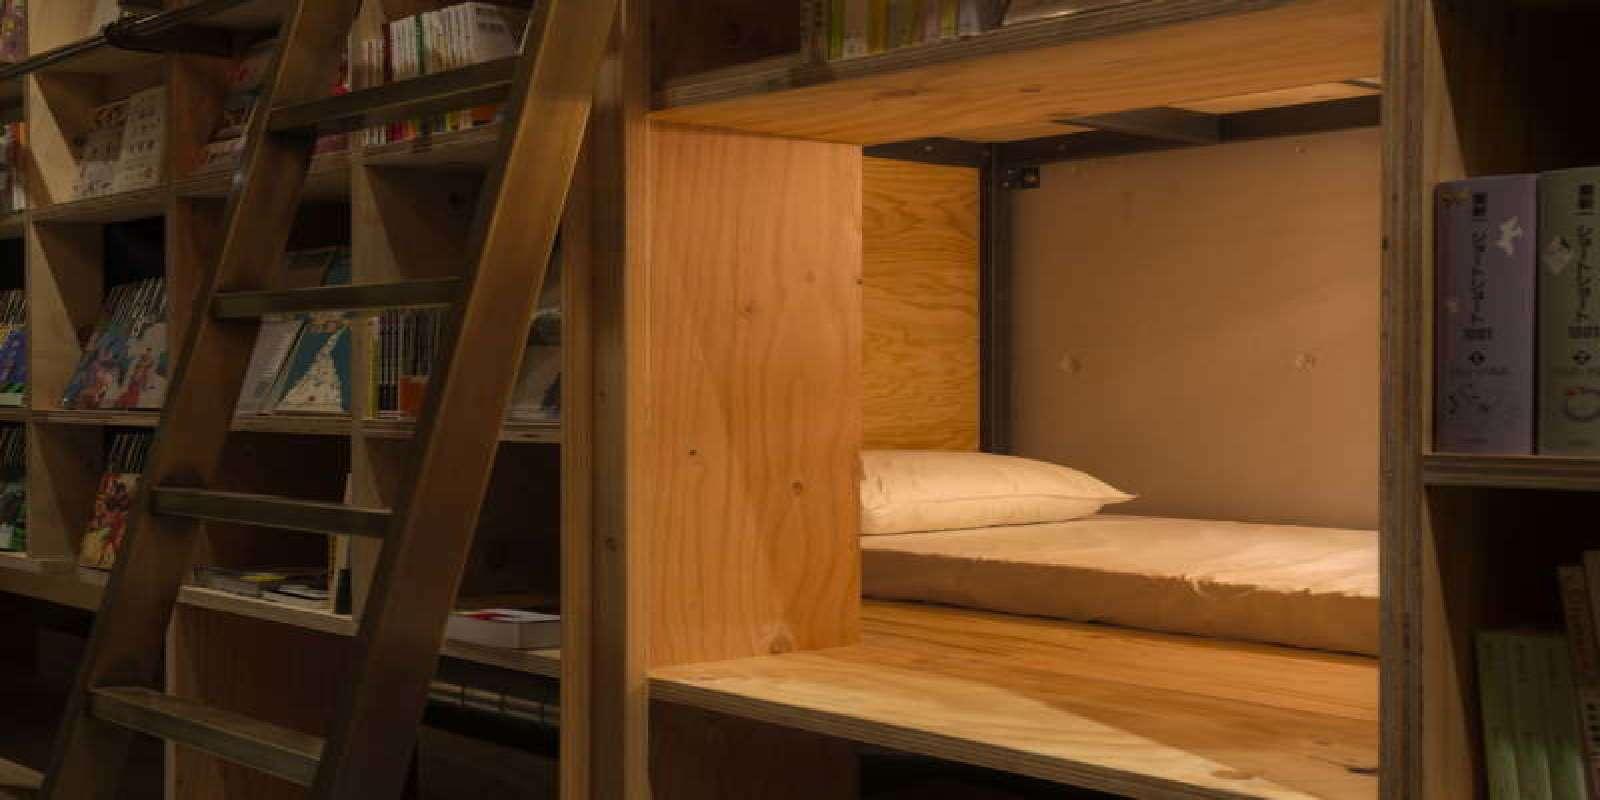 Dettaglio dell'ostello libreria di Tokyo